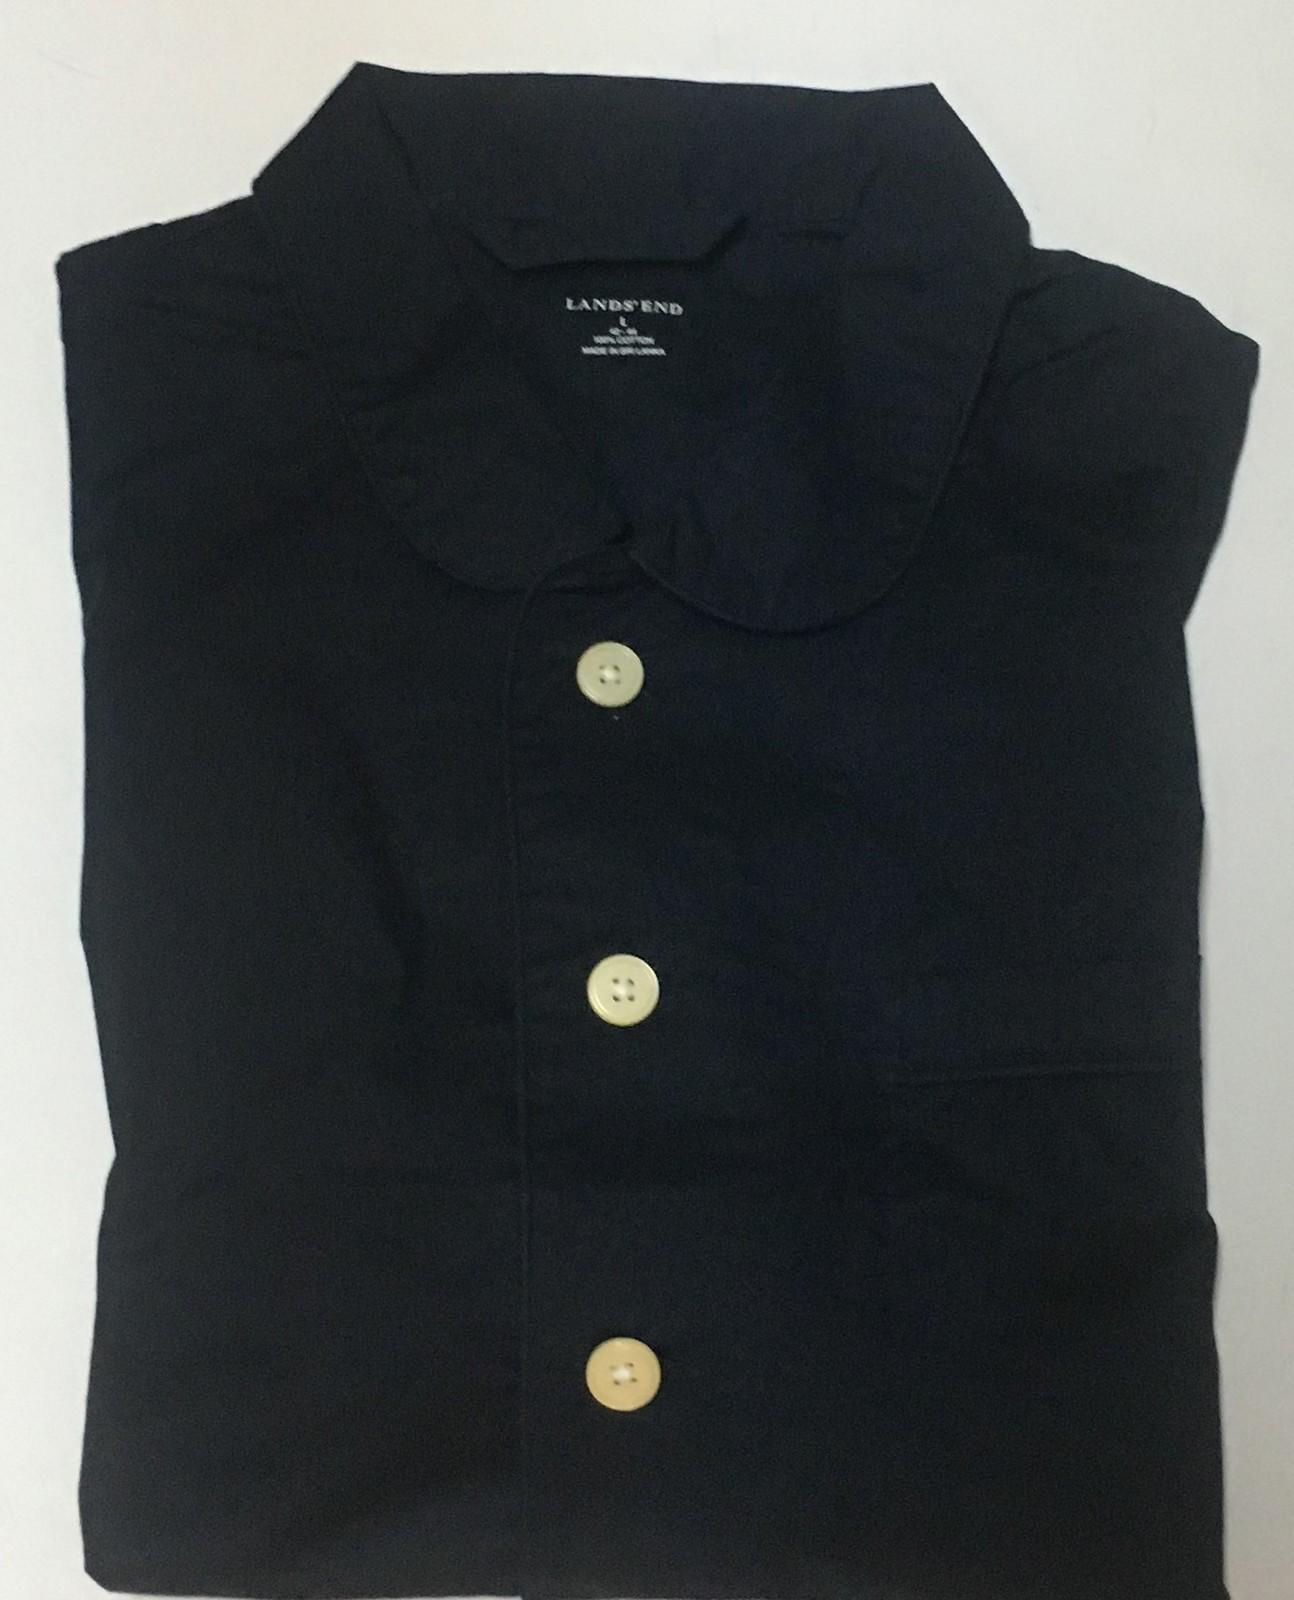 Lands' End Men's Navy Blue Shirt Long Sleeve Sz XL